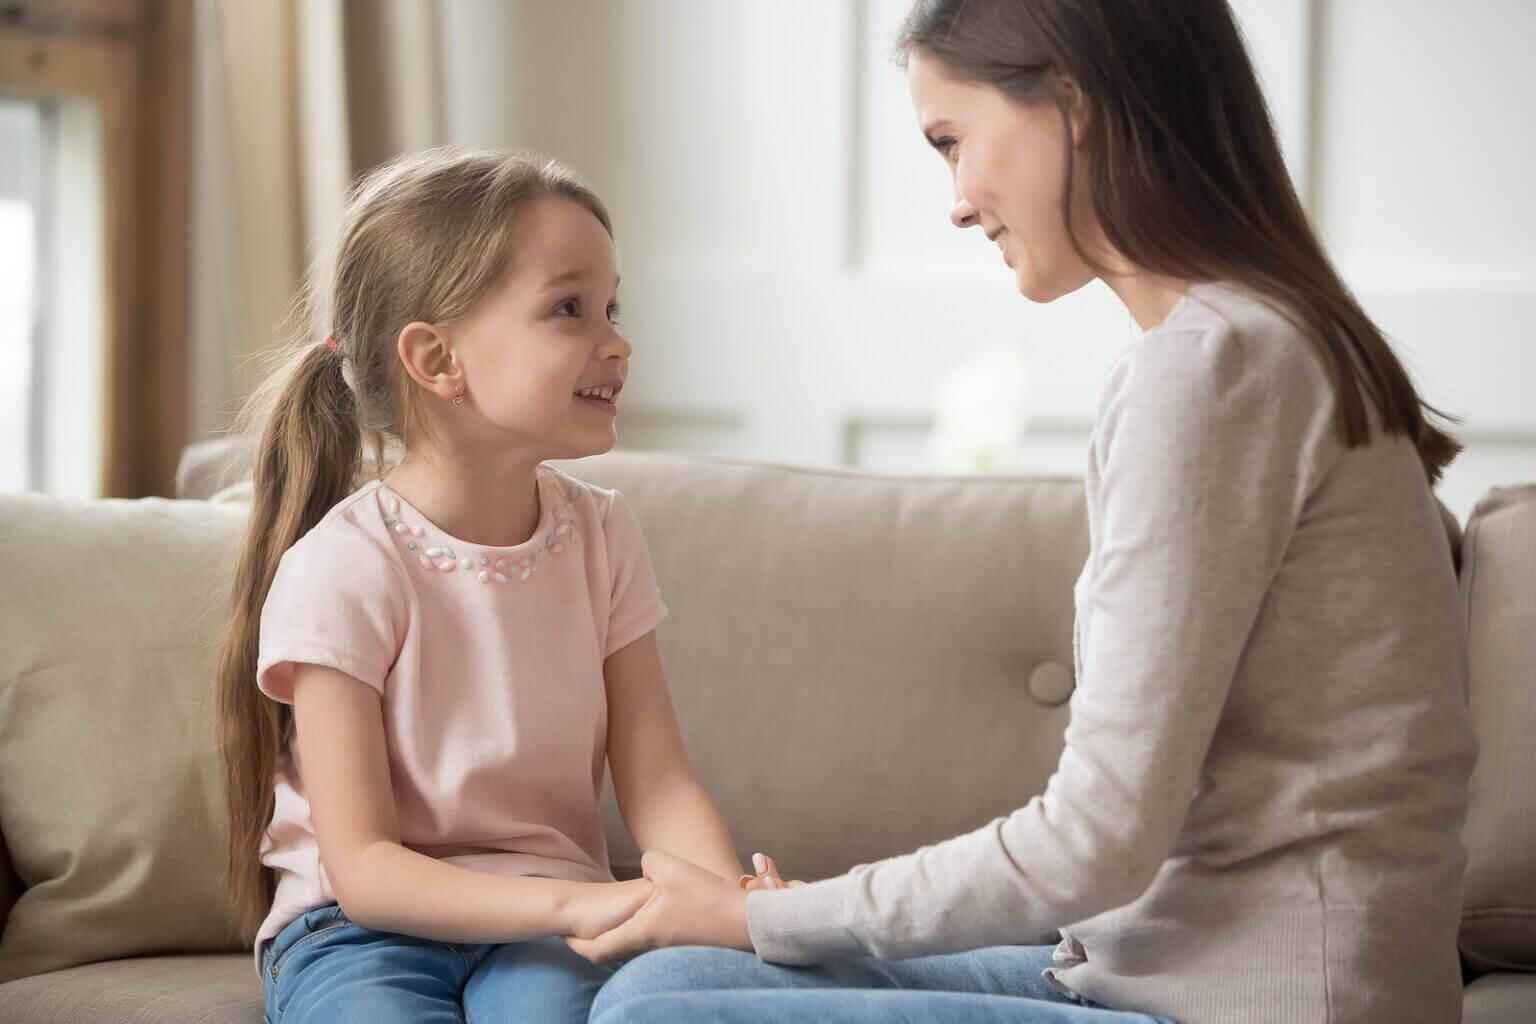 El íntimo legado emocional entre madres e hijas